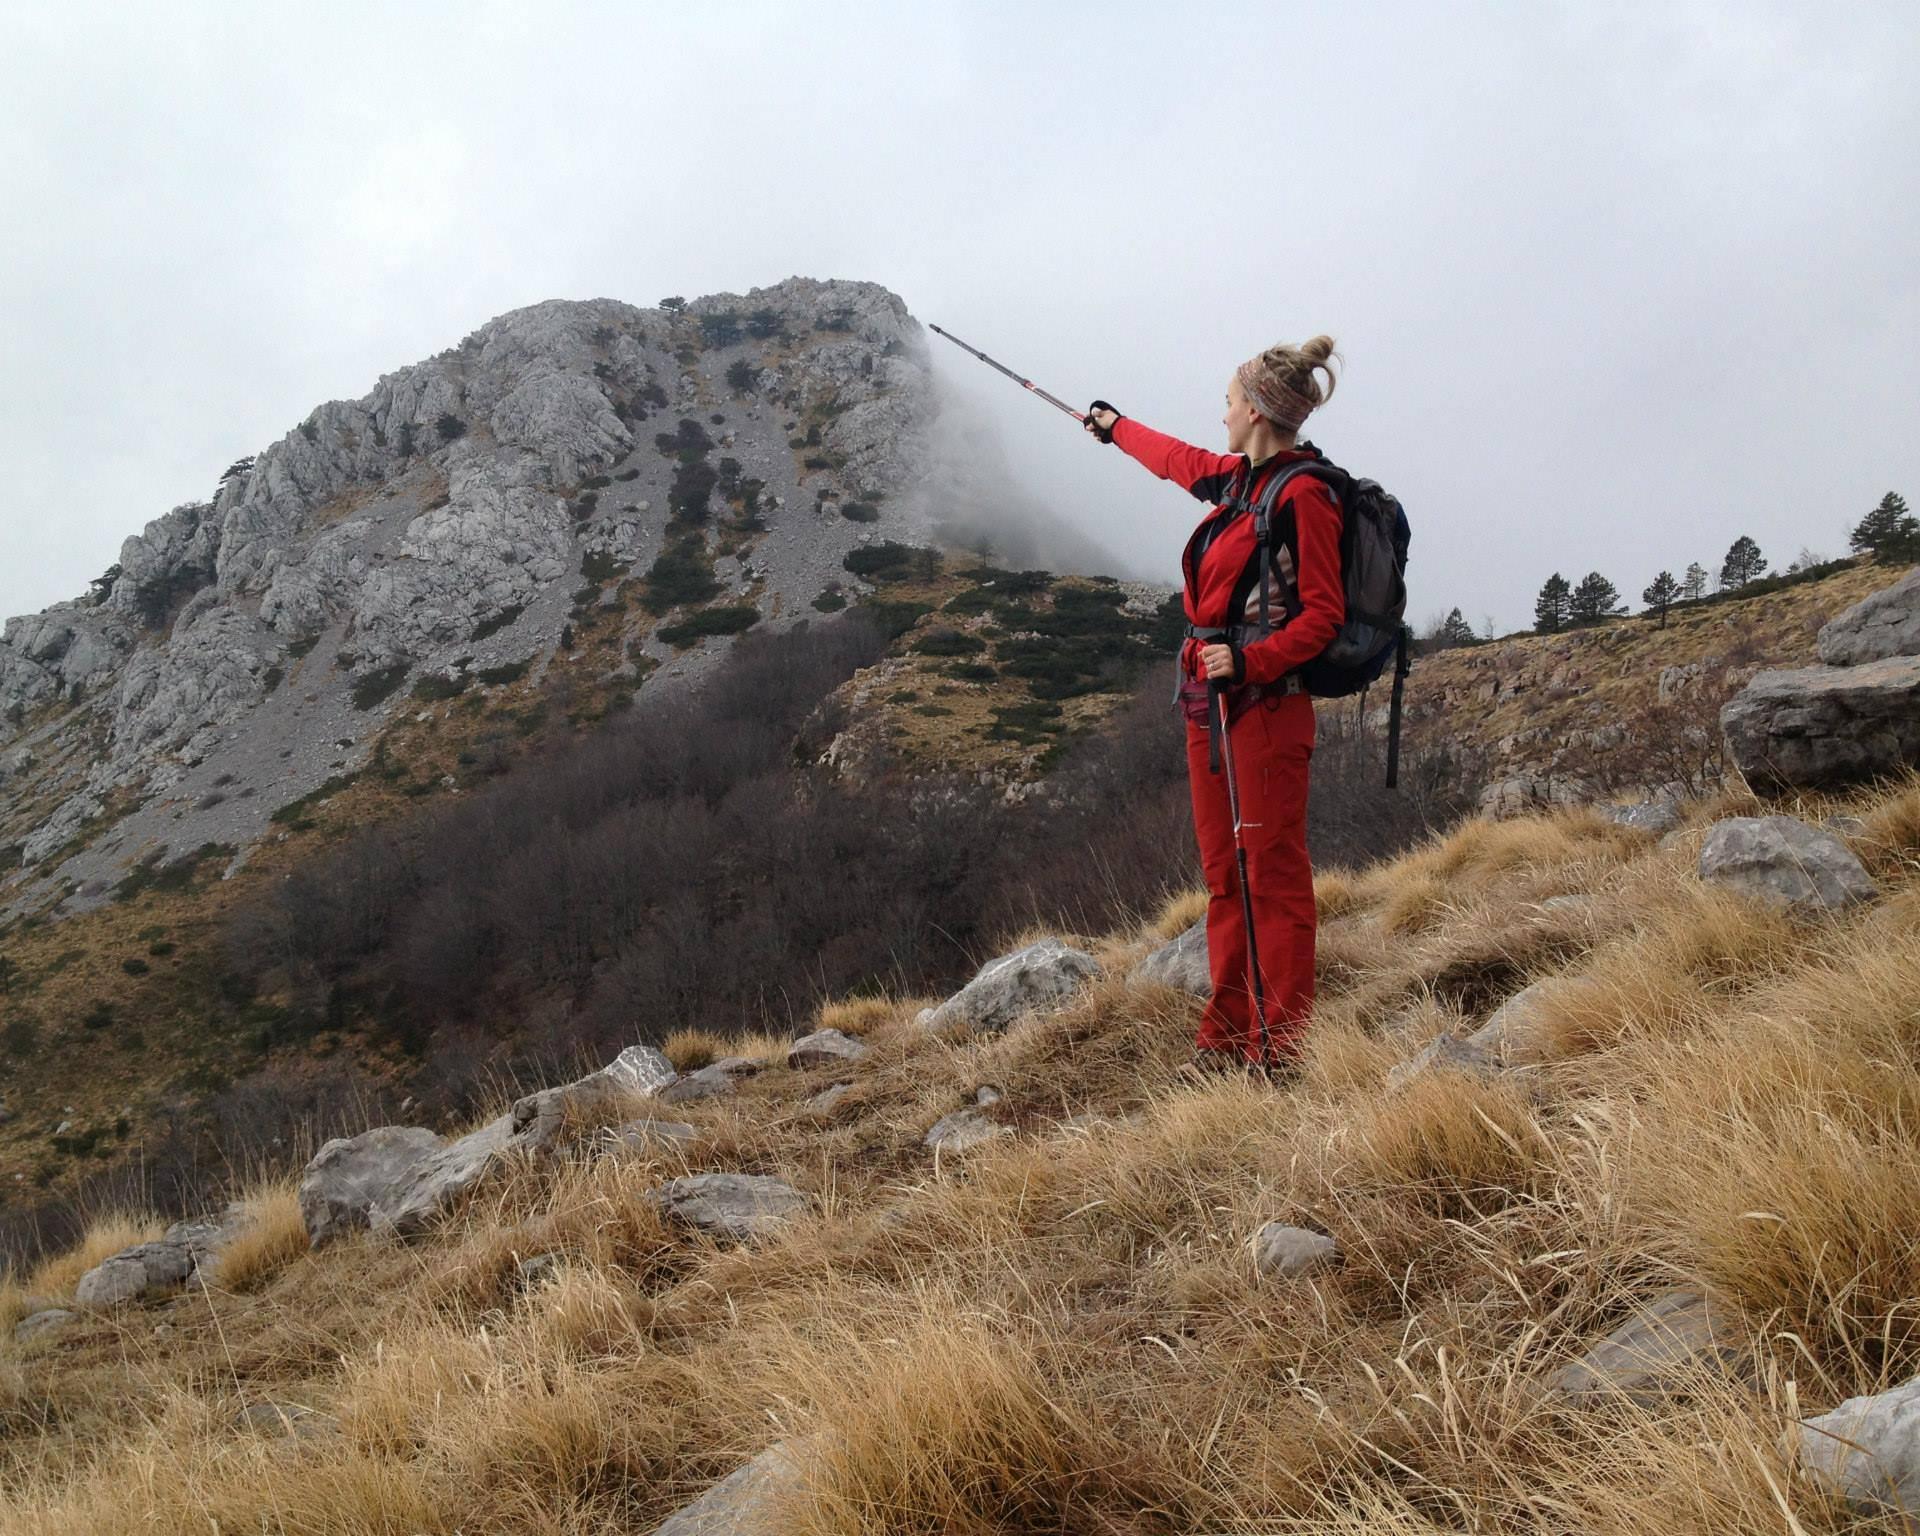 Tu sam našla svoj mir: Planine su me učinile boljim čovjekom